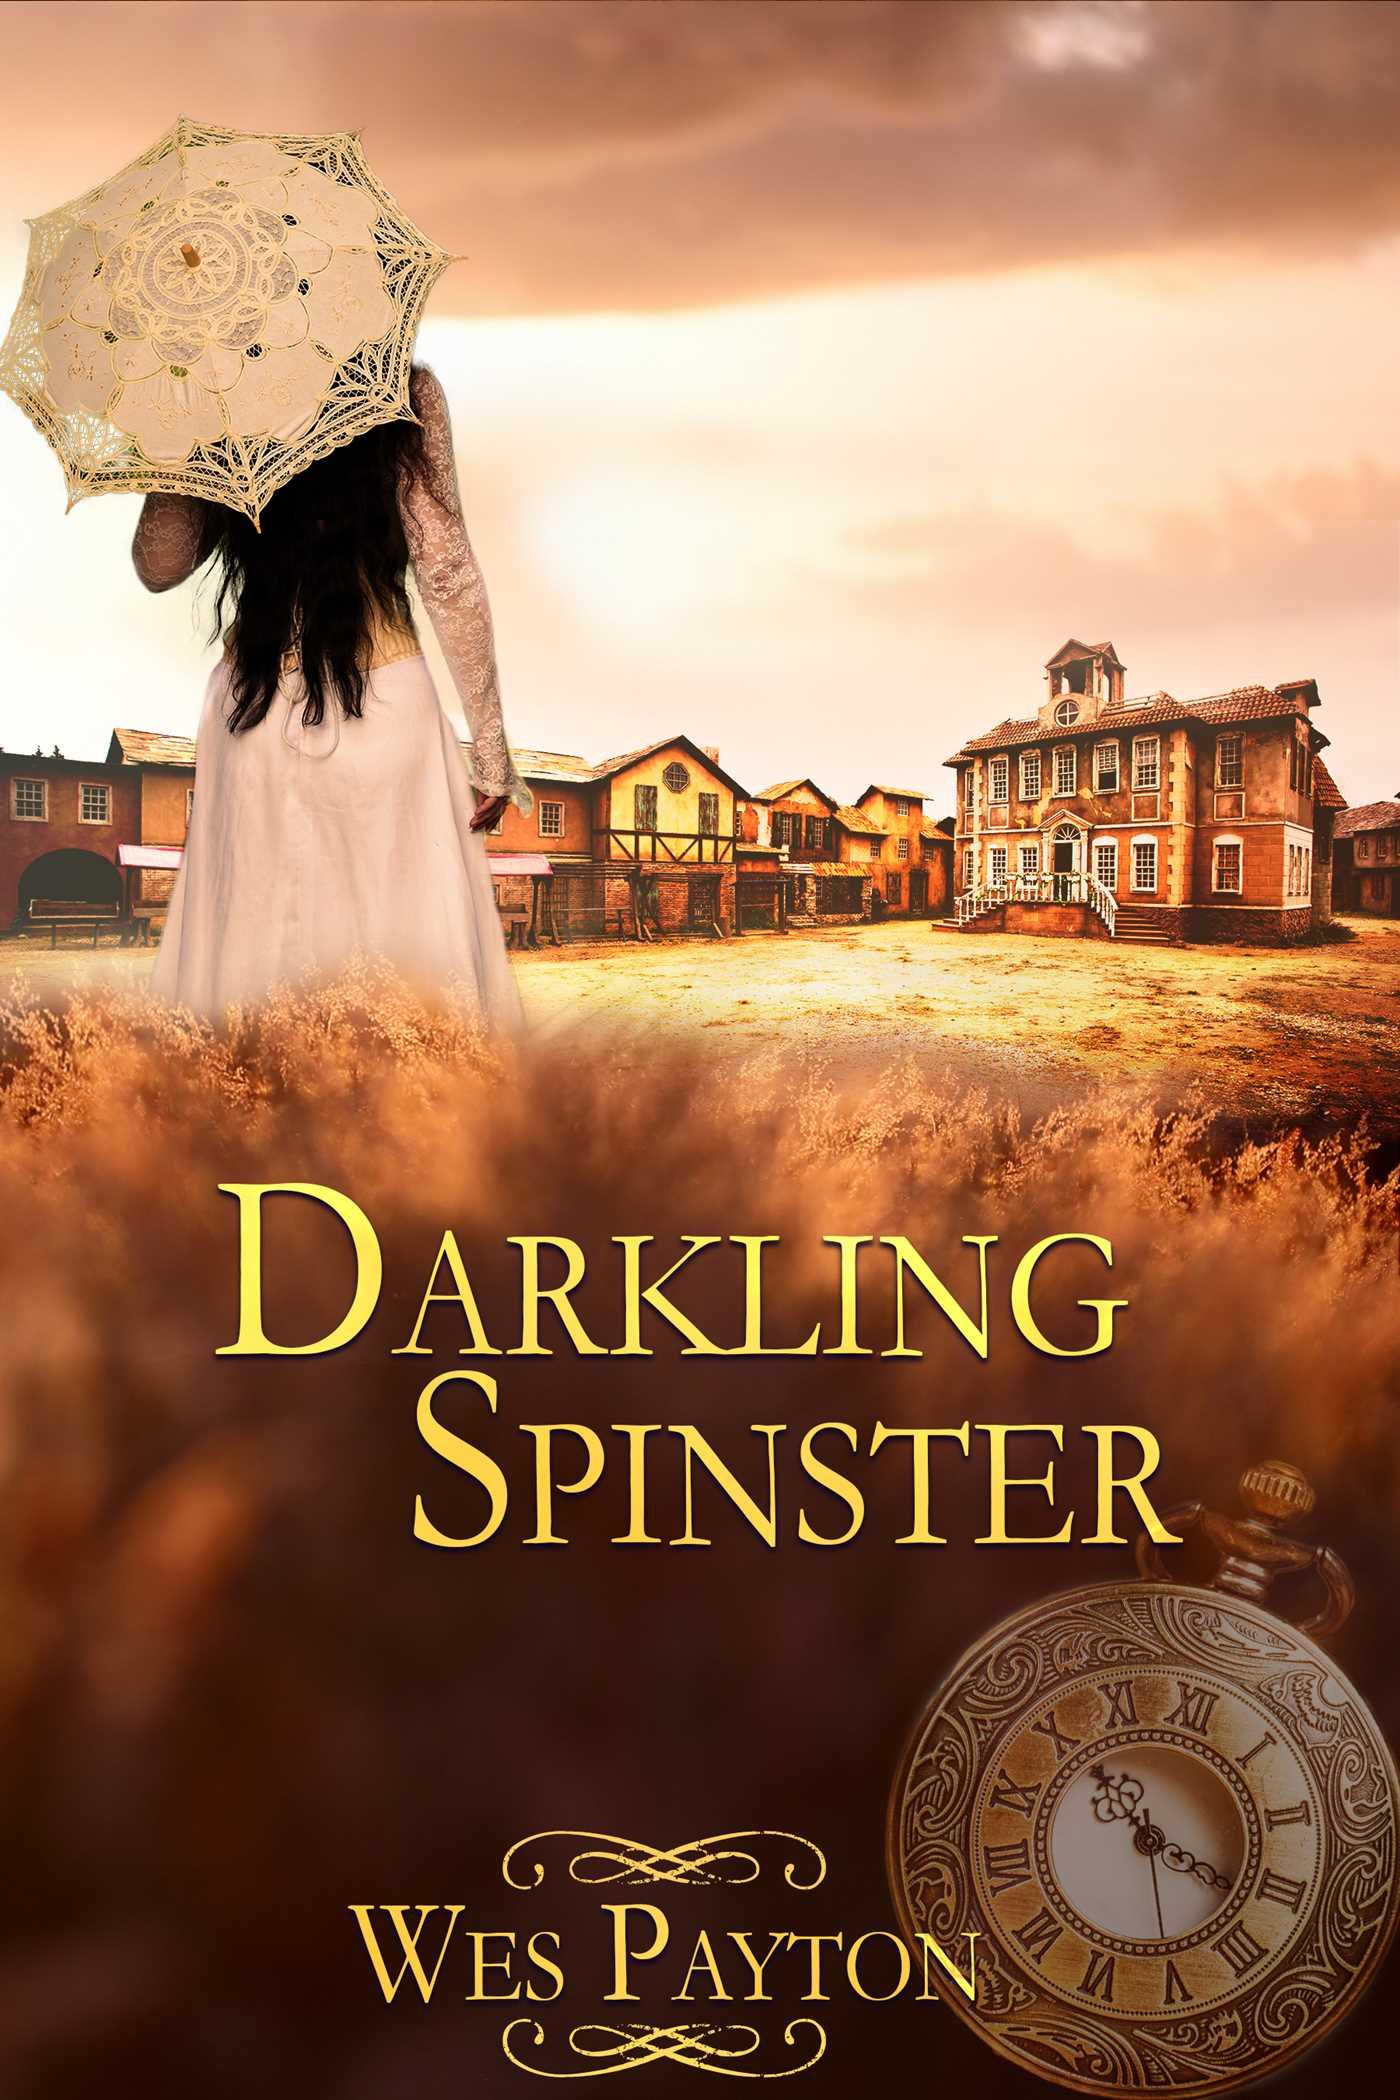 Darkling spinster 9781682992555 hr